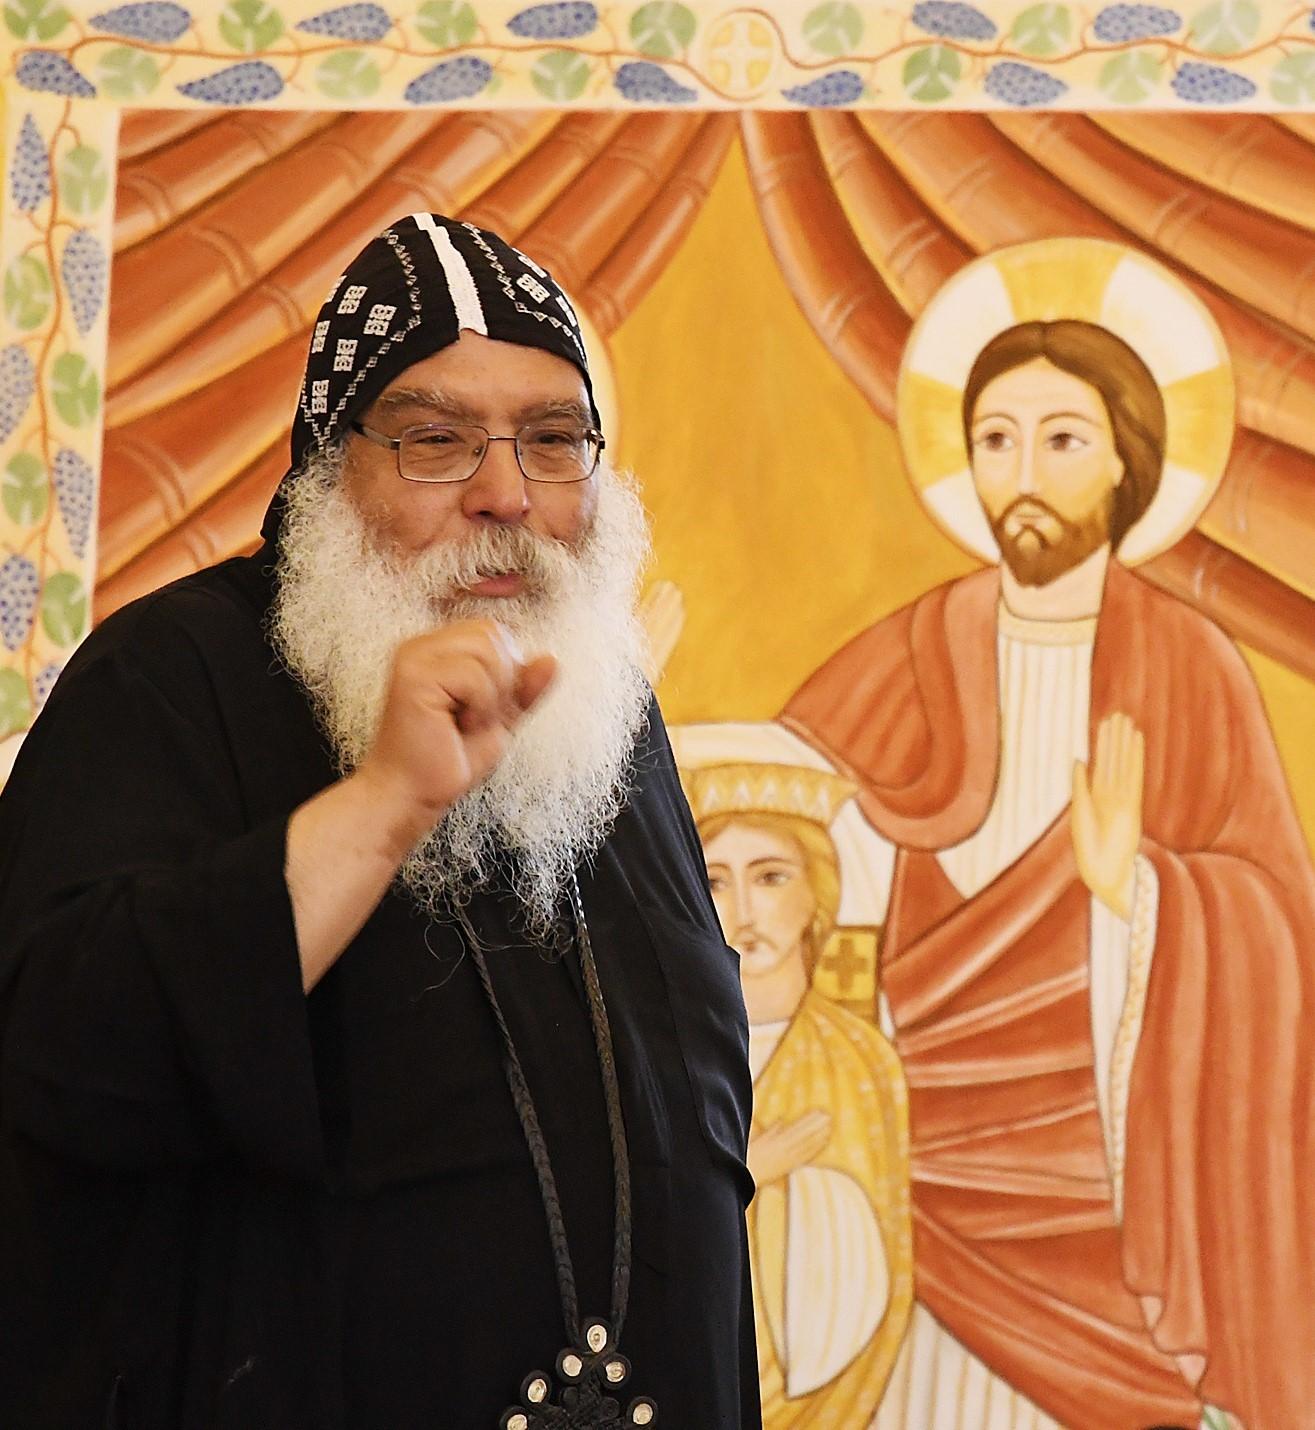 S.E. Bischof Anba Damian begrüßt die Referenten und Teilnehmer des Theologischen Symposiums im Kloster. Foto: Maria Hopp